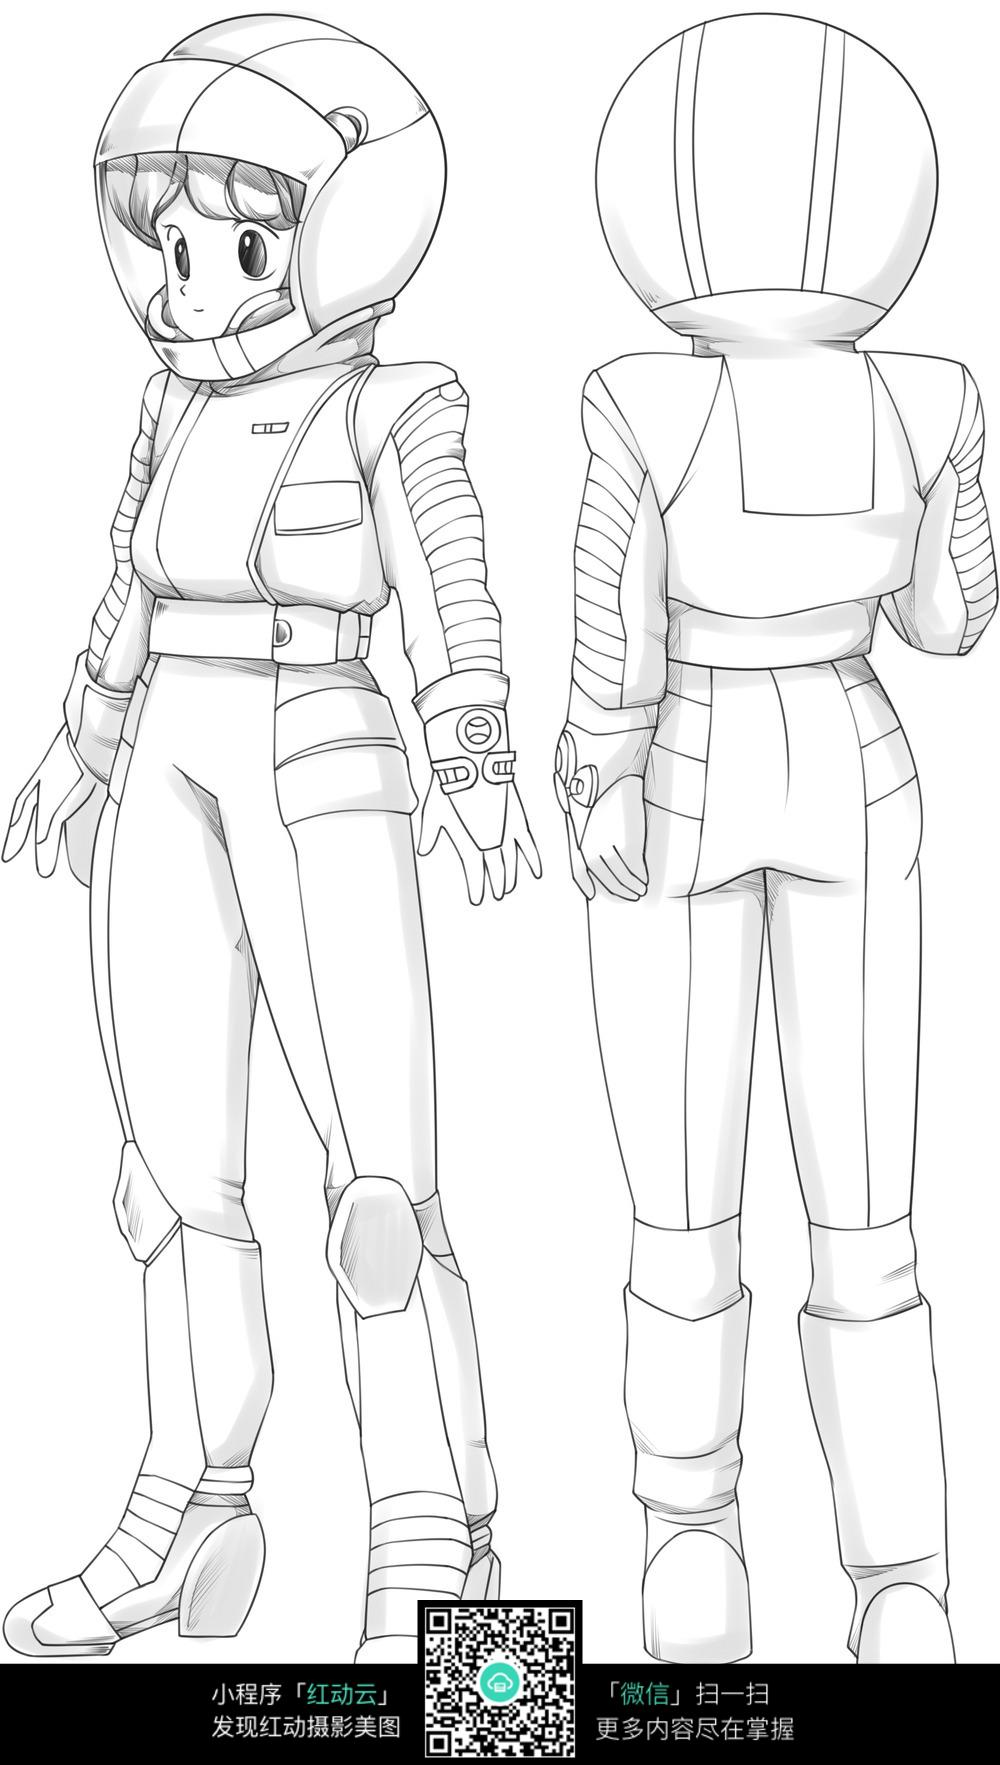 宇航服女孩卡通手绘线稿